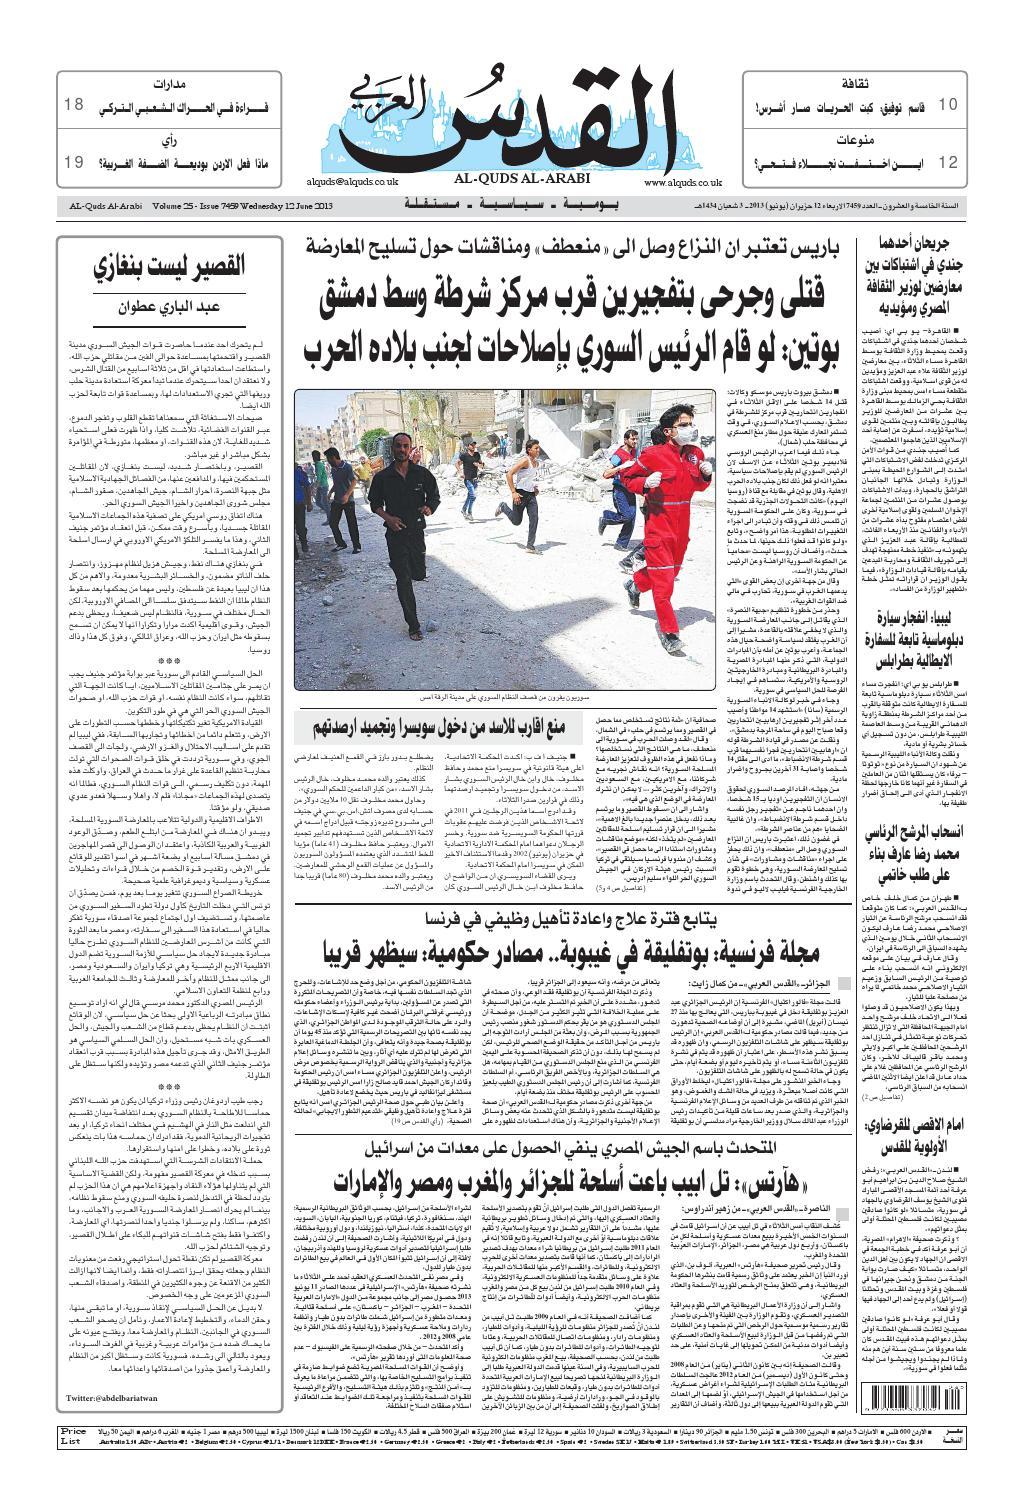 صحيفة القدس العربي الأربعاء 12 06 2013 By مركز الحدث Issuu